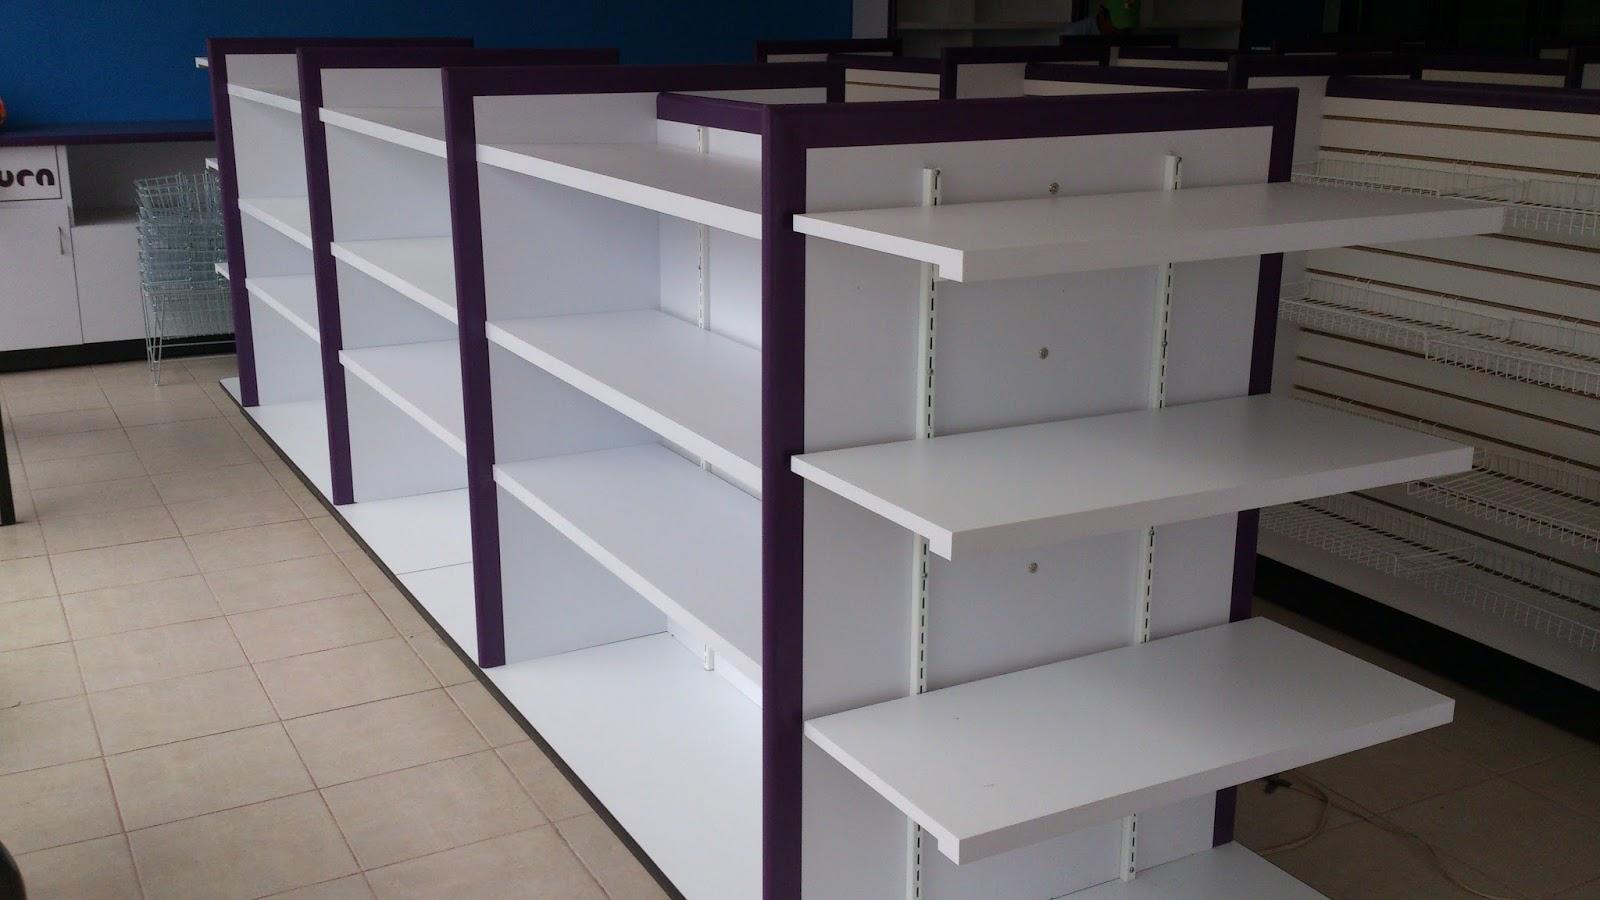 Muebles de tiendas mobiliario de oficina muebles de for Fabrica de muebles metalicos